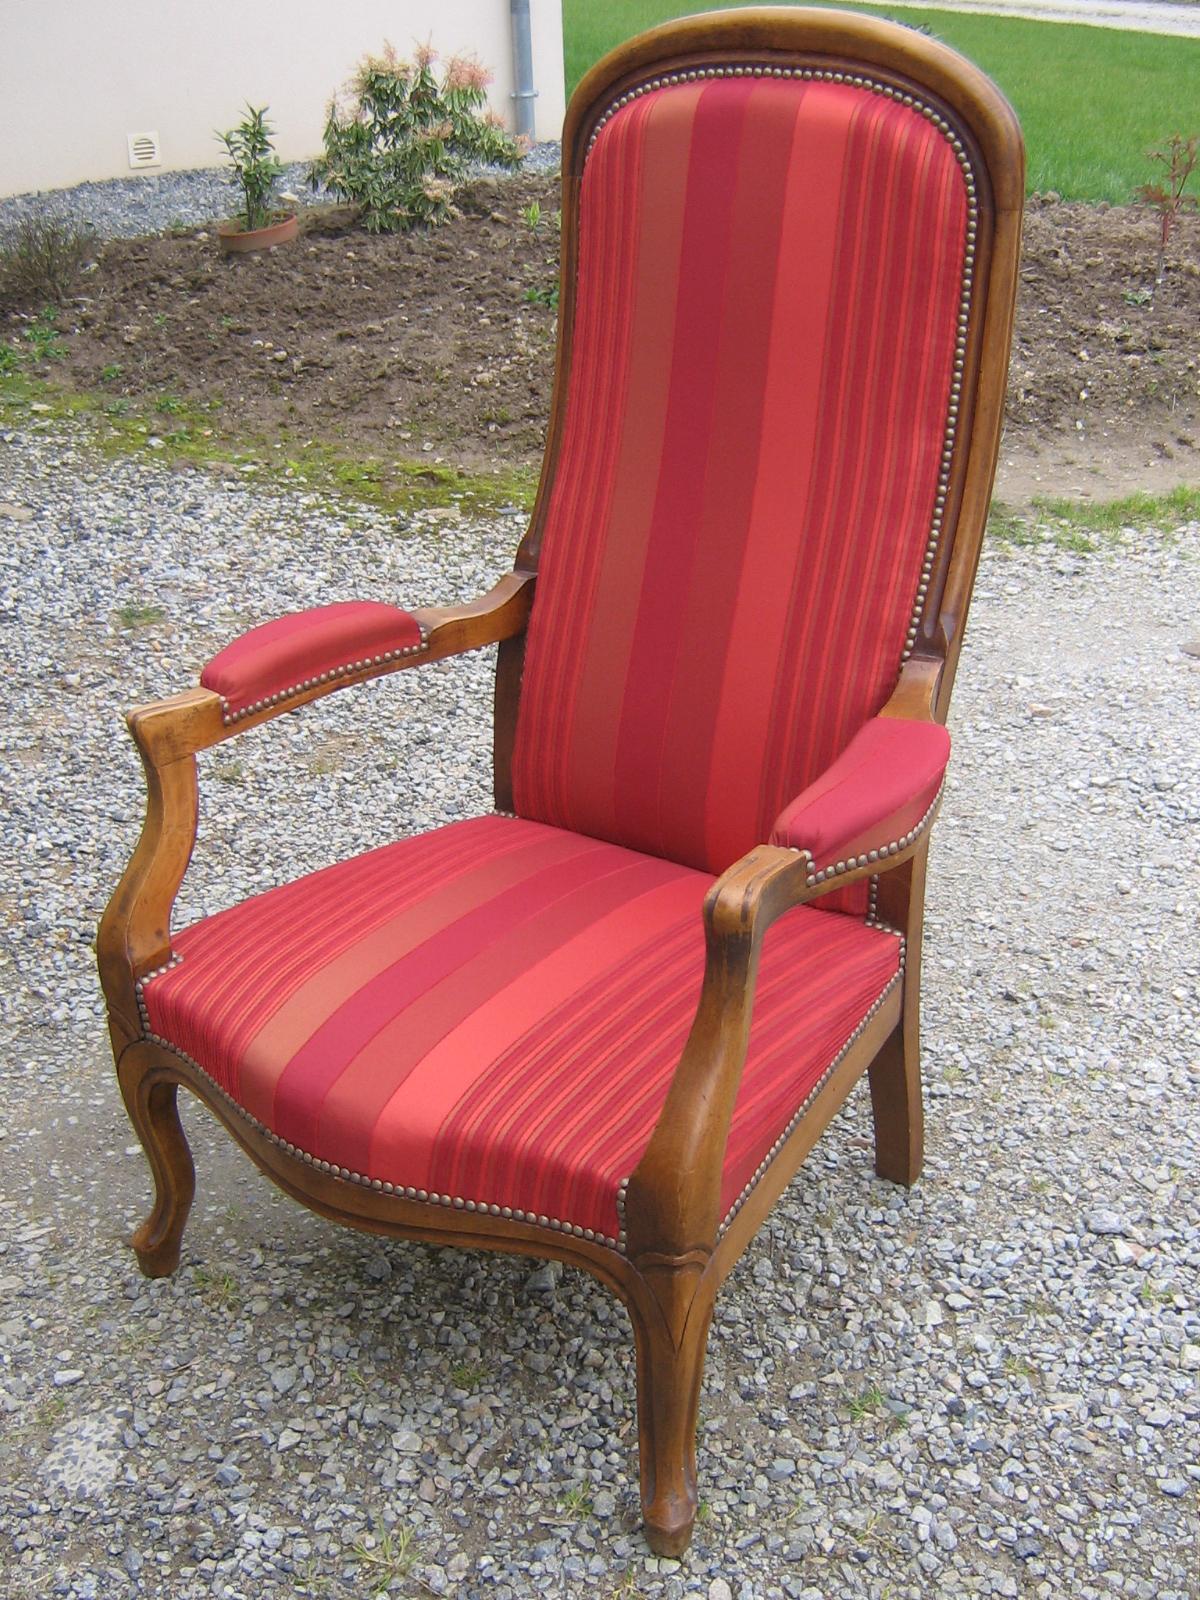 Pauline na l fauteuil voltaire restauration - Restauration fauteuil voltaire ...